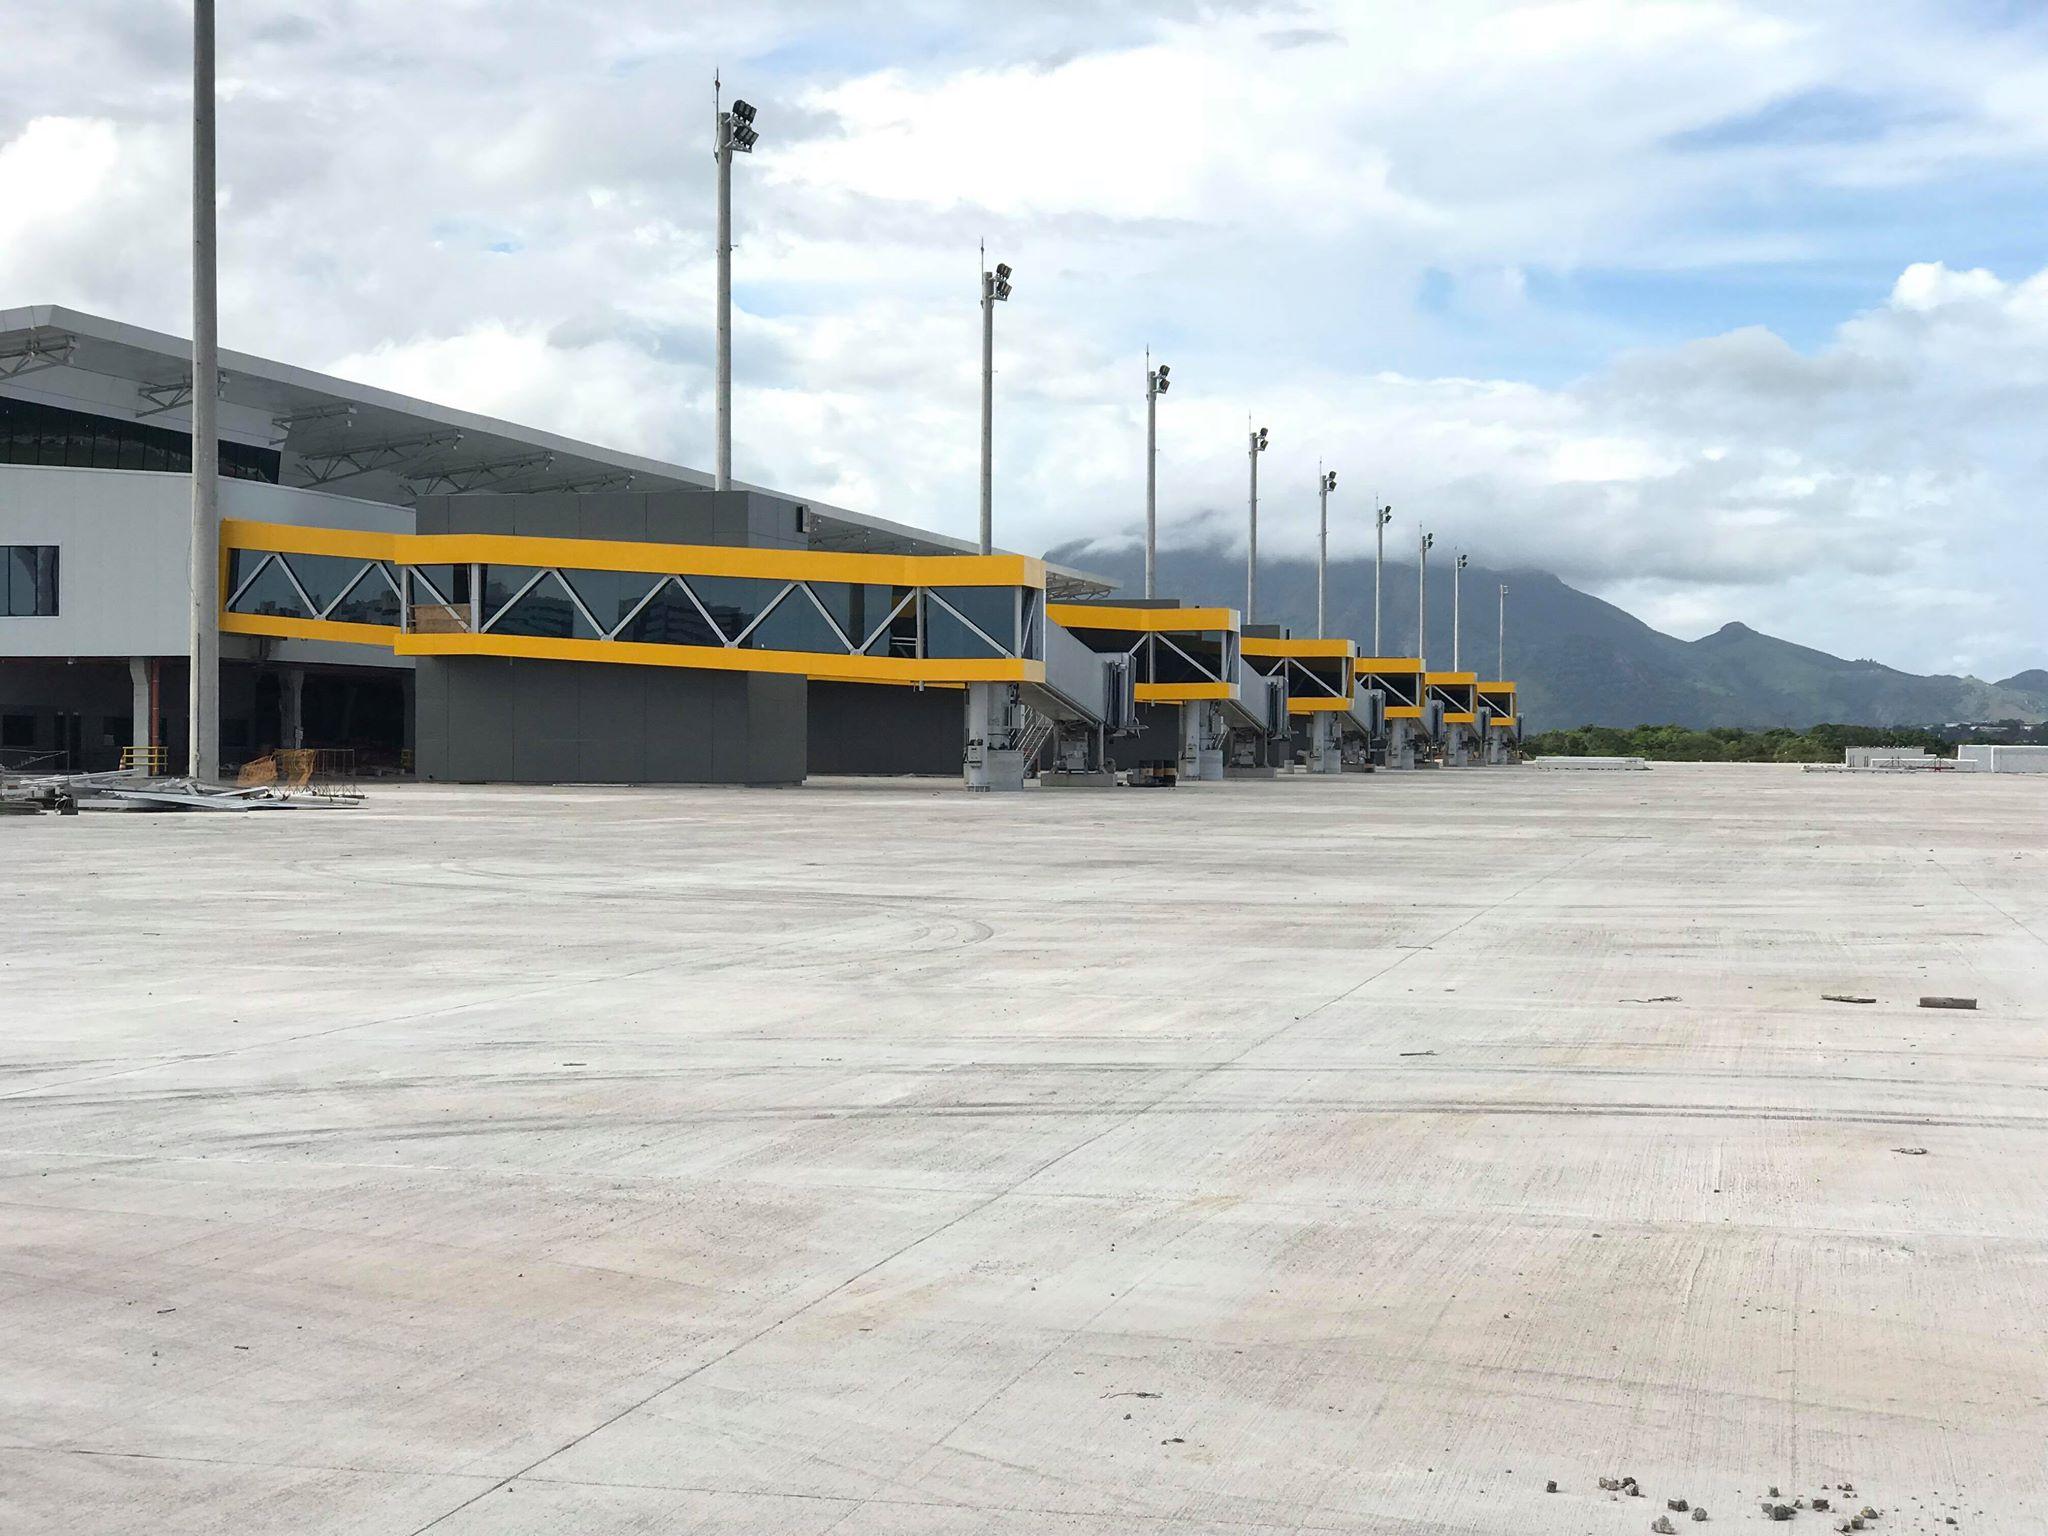 aeroporto_12-5451257.jpg